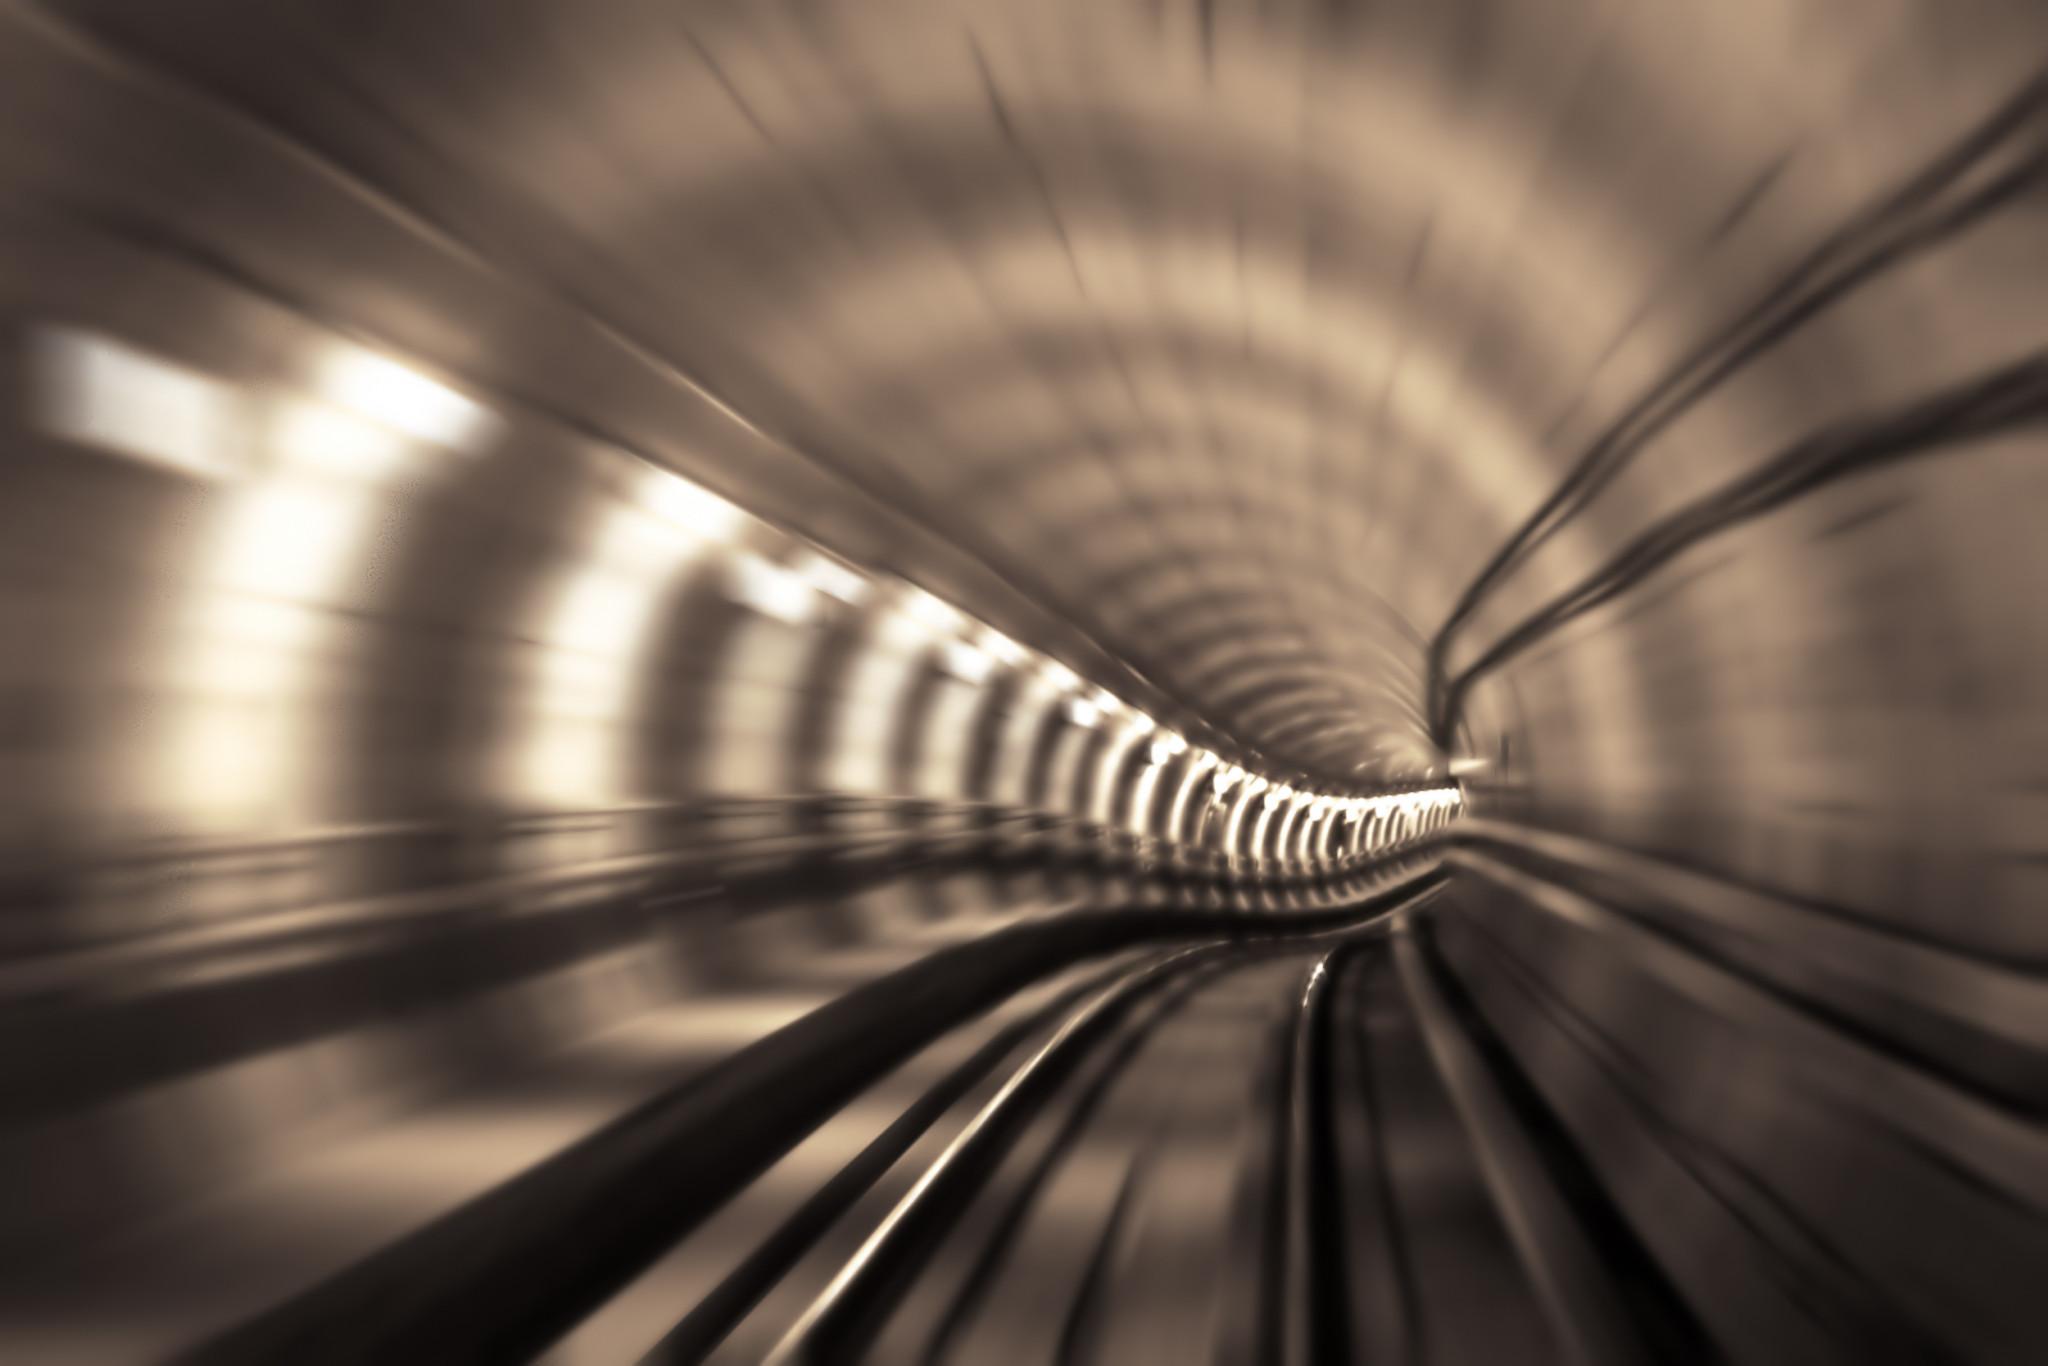 Blurrad rörelse i tunnelbanesystem.